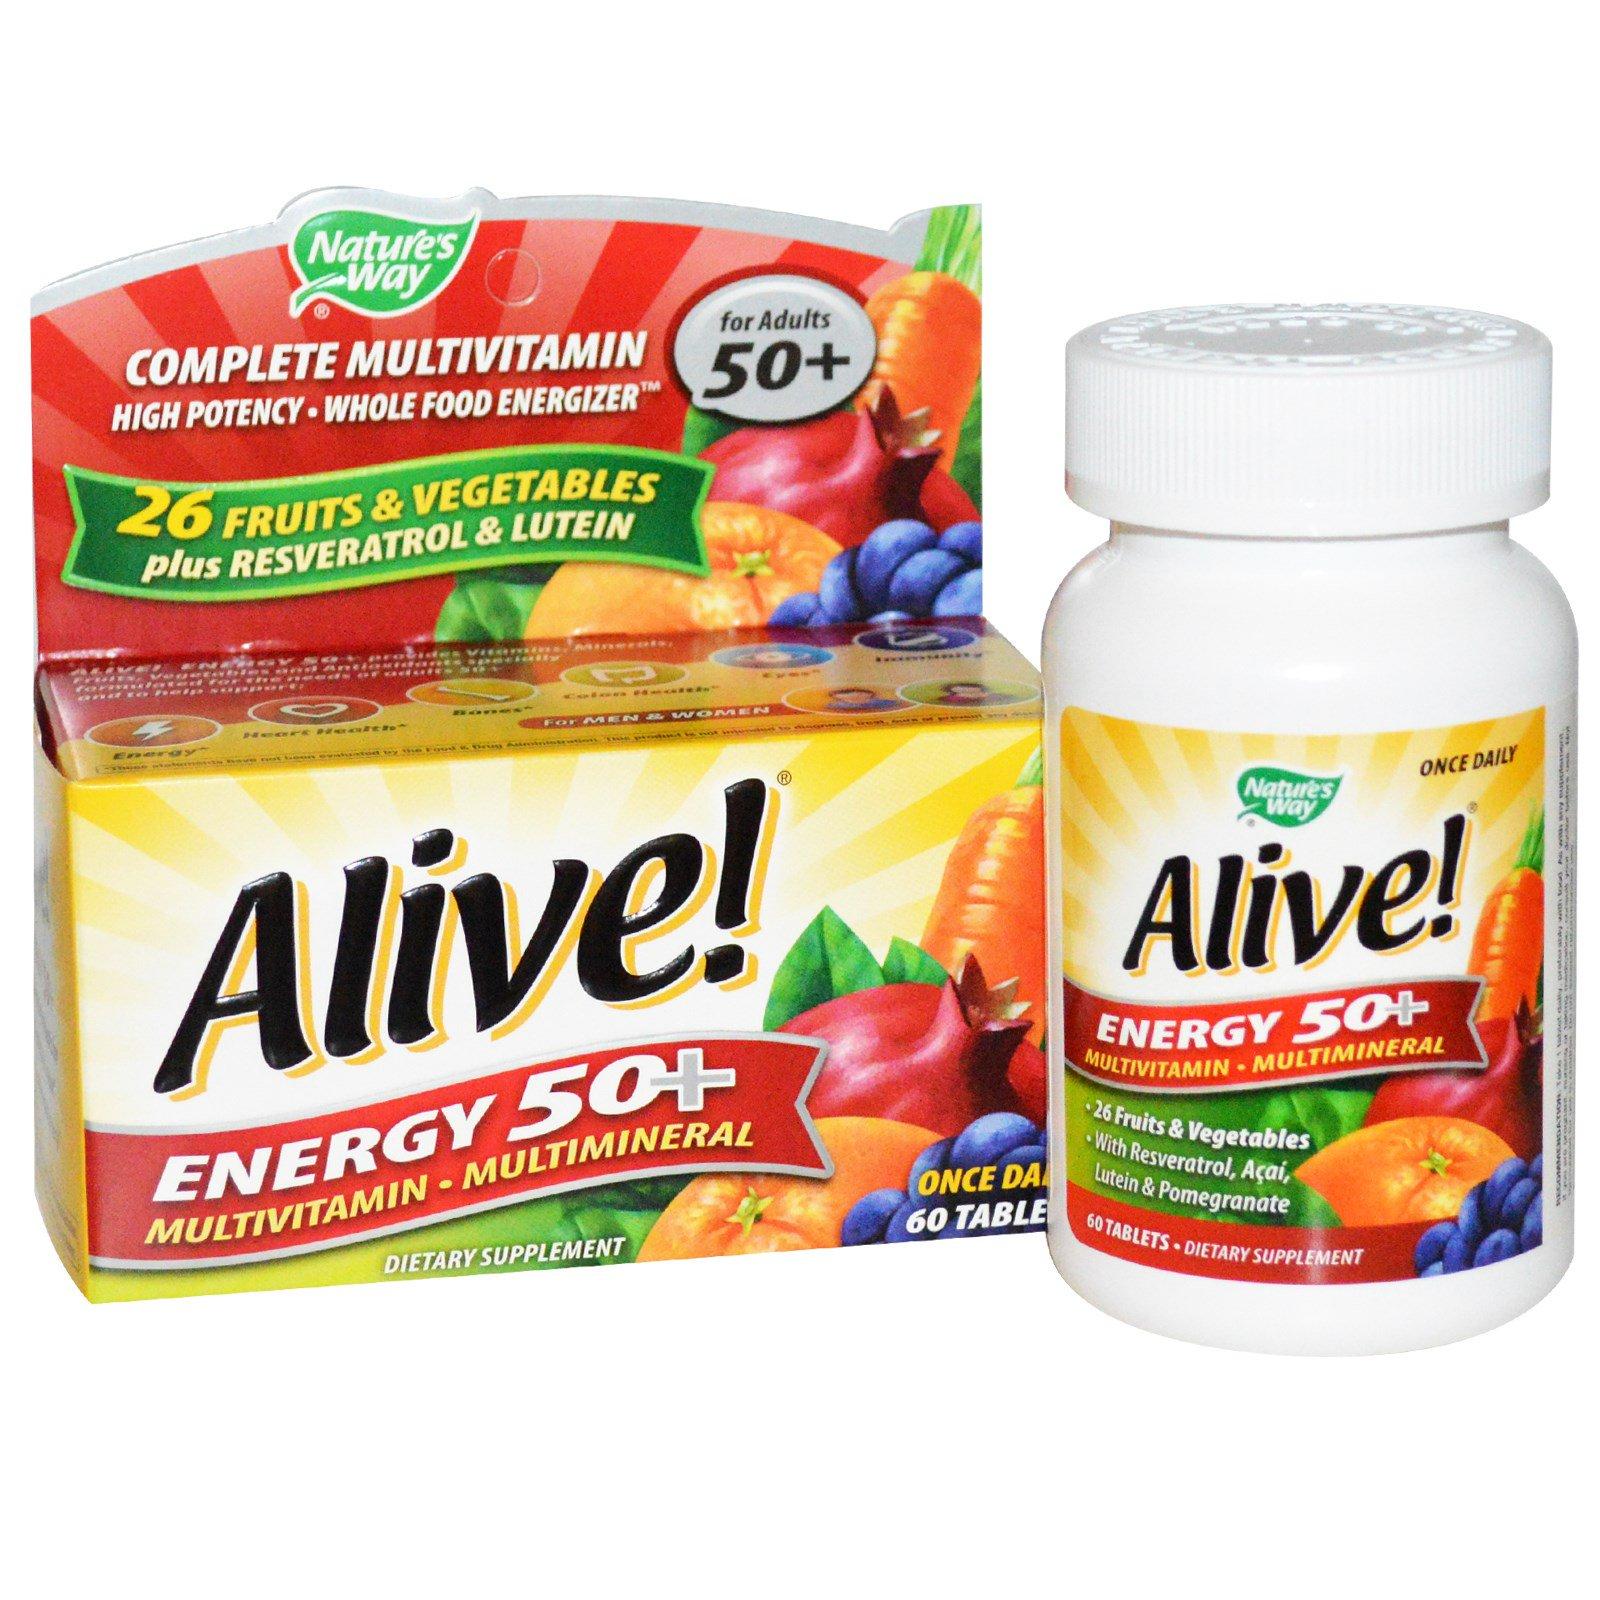 Nature's Way, Живая энергия 50+, мультивитаминный-Мультиминерал, Для взрослых 50+, 60 Tablets